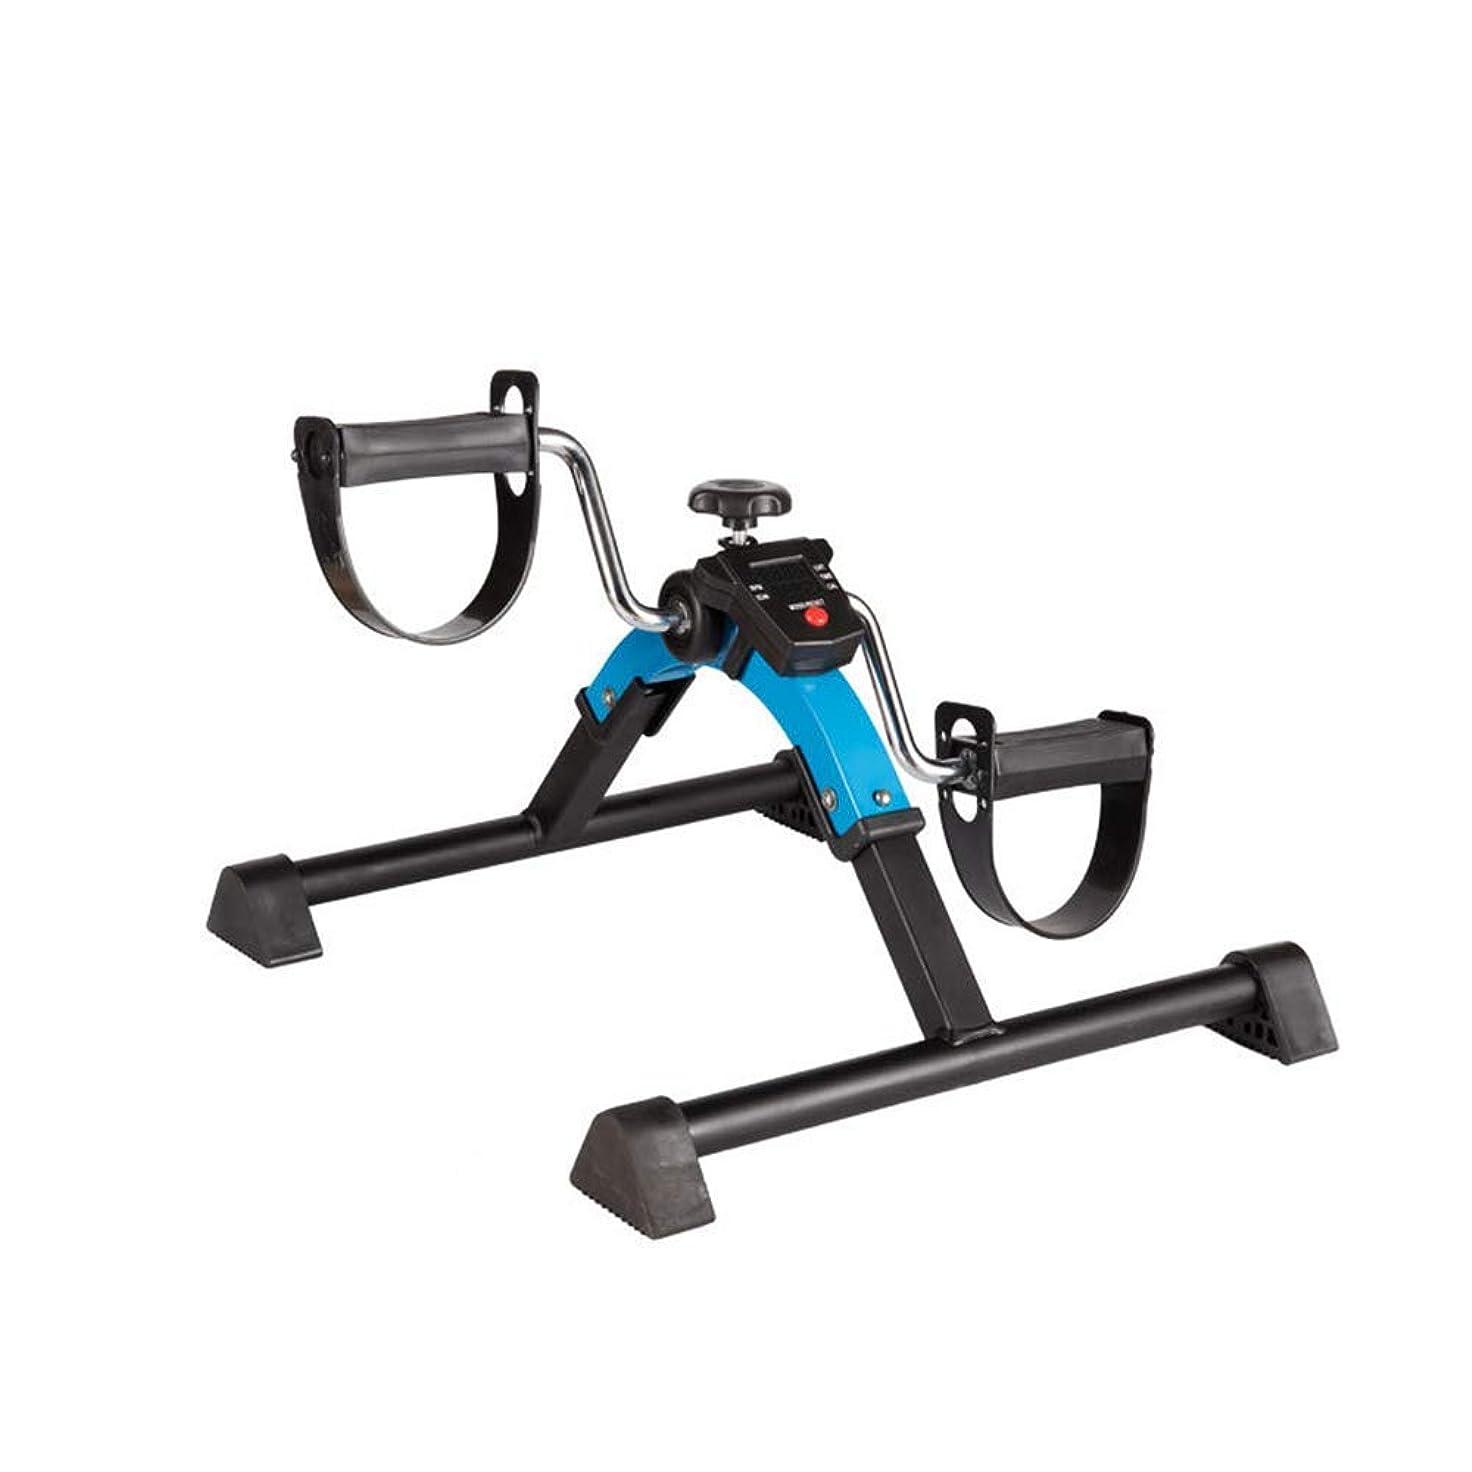 ストリップケントケント上肢および下肢エクササイズペダル、レッグマシン、リハビリトレーニング機器、脳卒中、片麻痺、手足、二重使用自転車